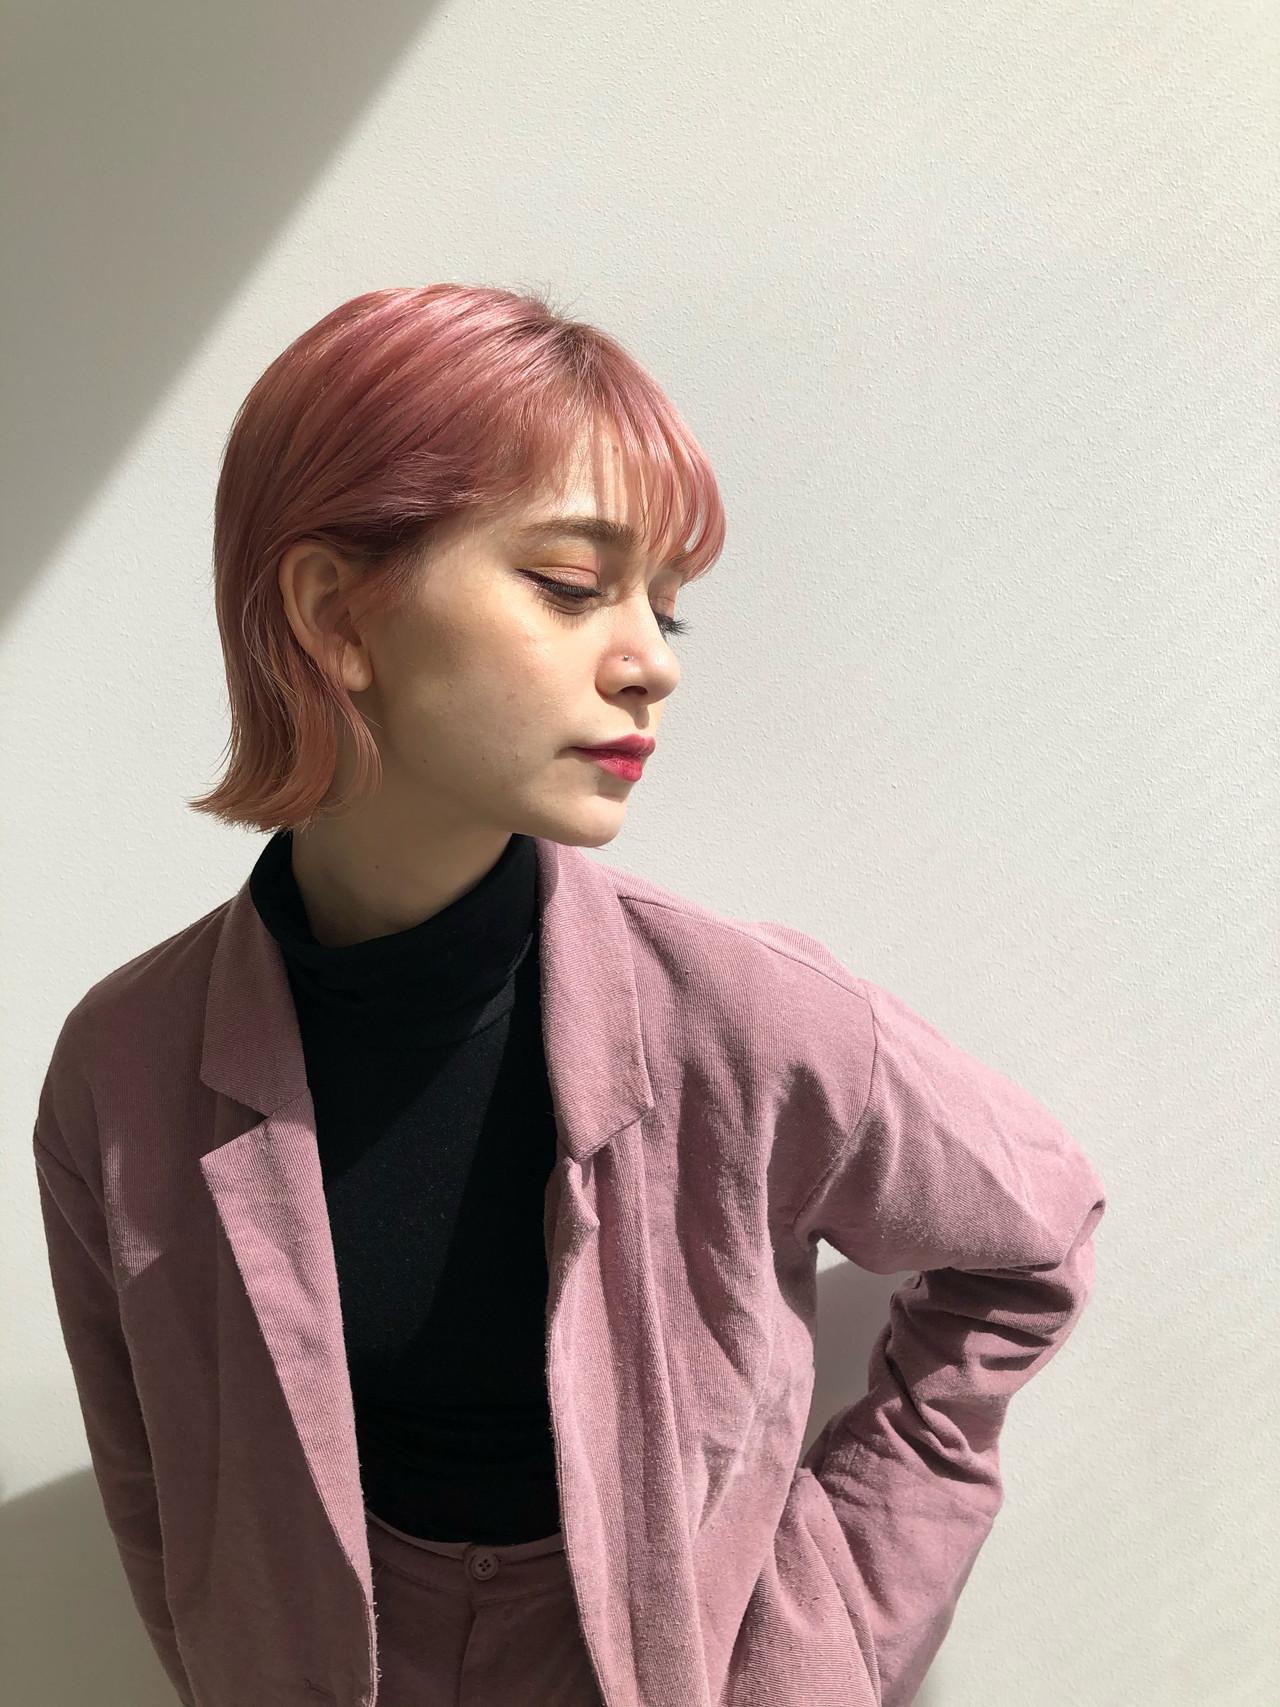 ベリーピンク ピンクパープル チェリーピンク ボブ ヘアスタイルや髪型の写真・画像